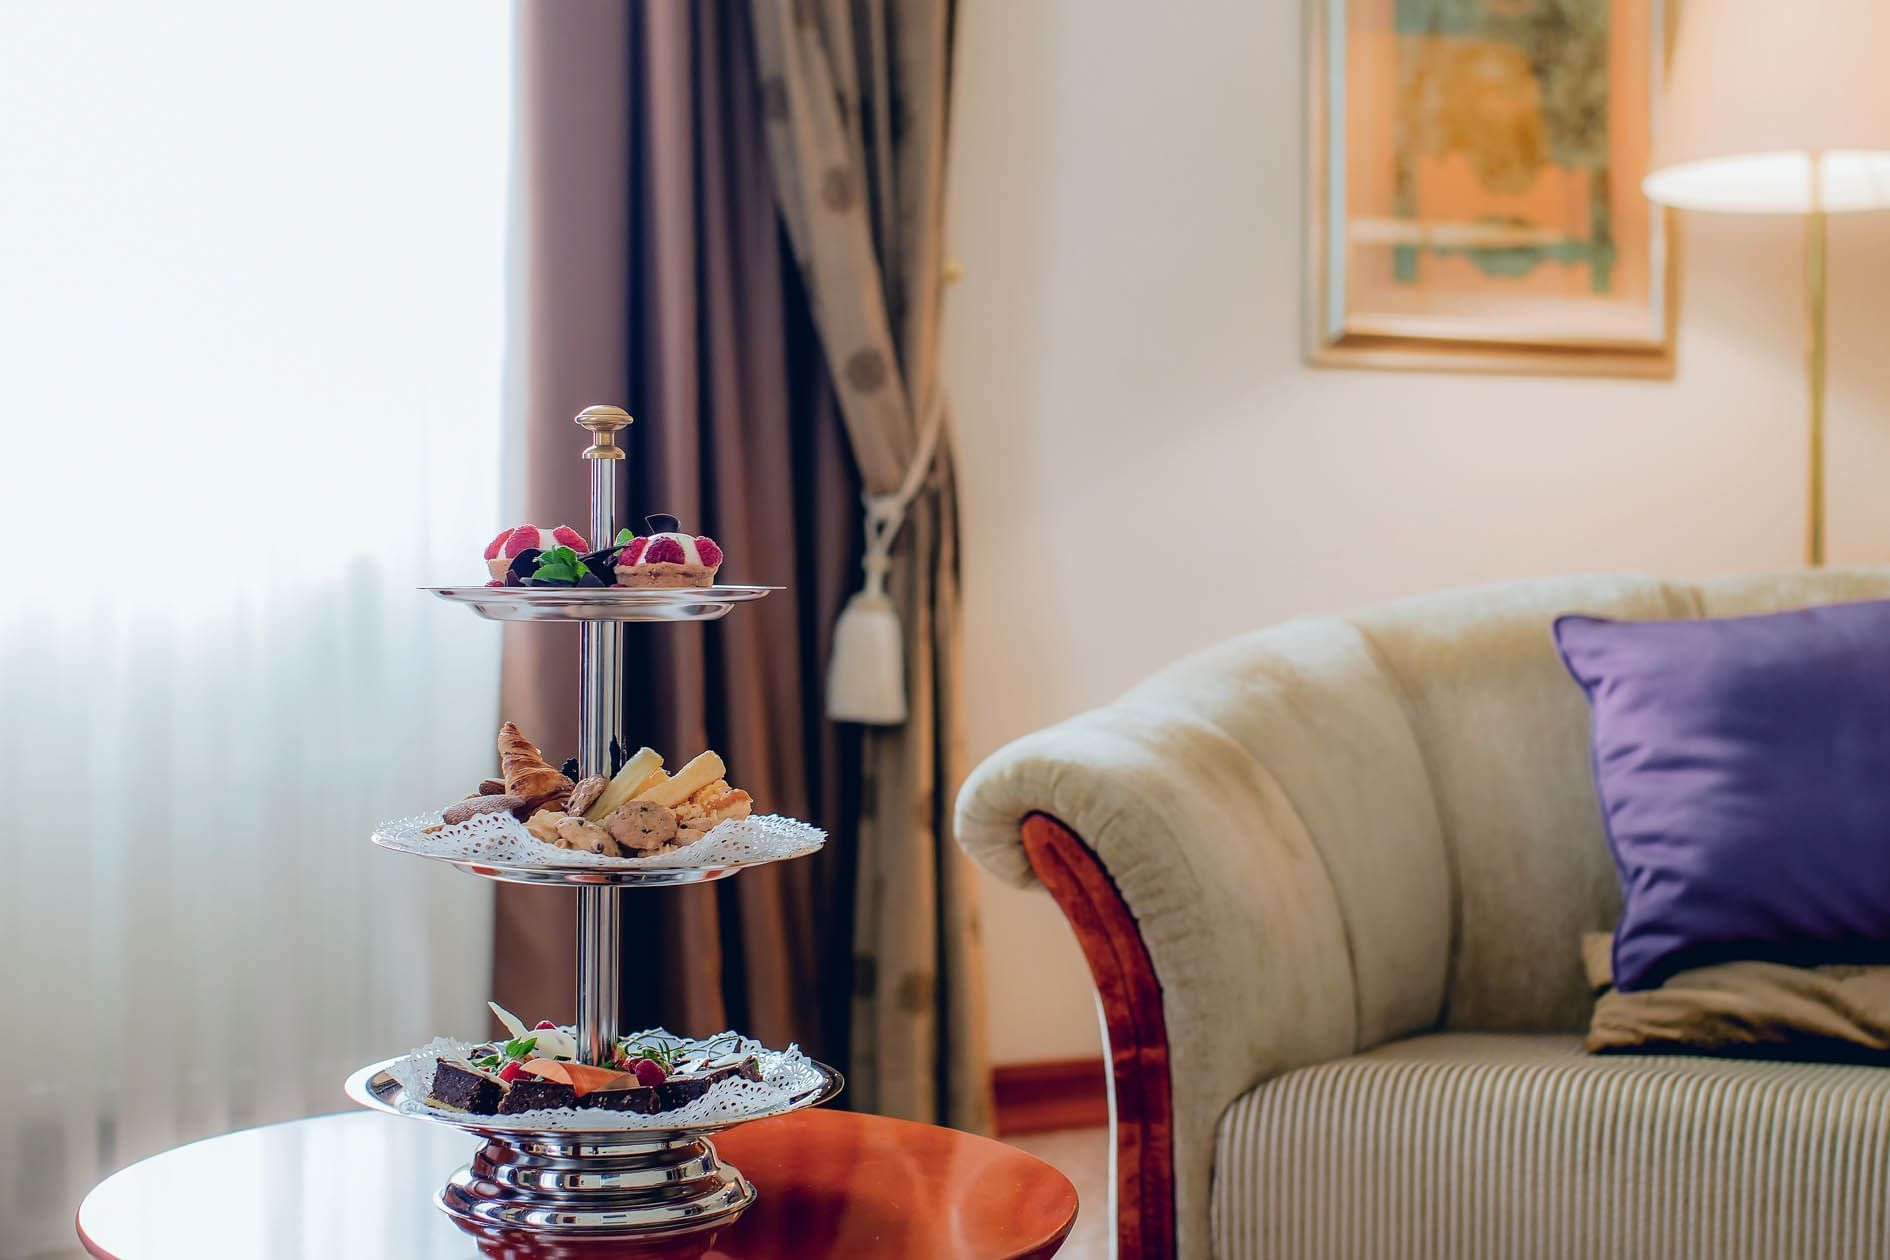 Presidential suite at Grand Hotel in Ljubljana